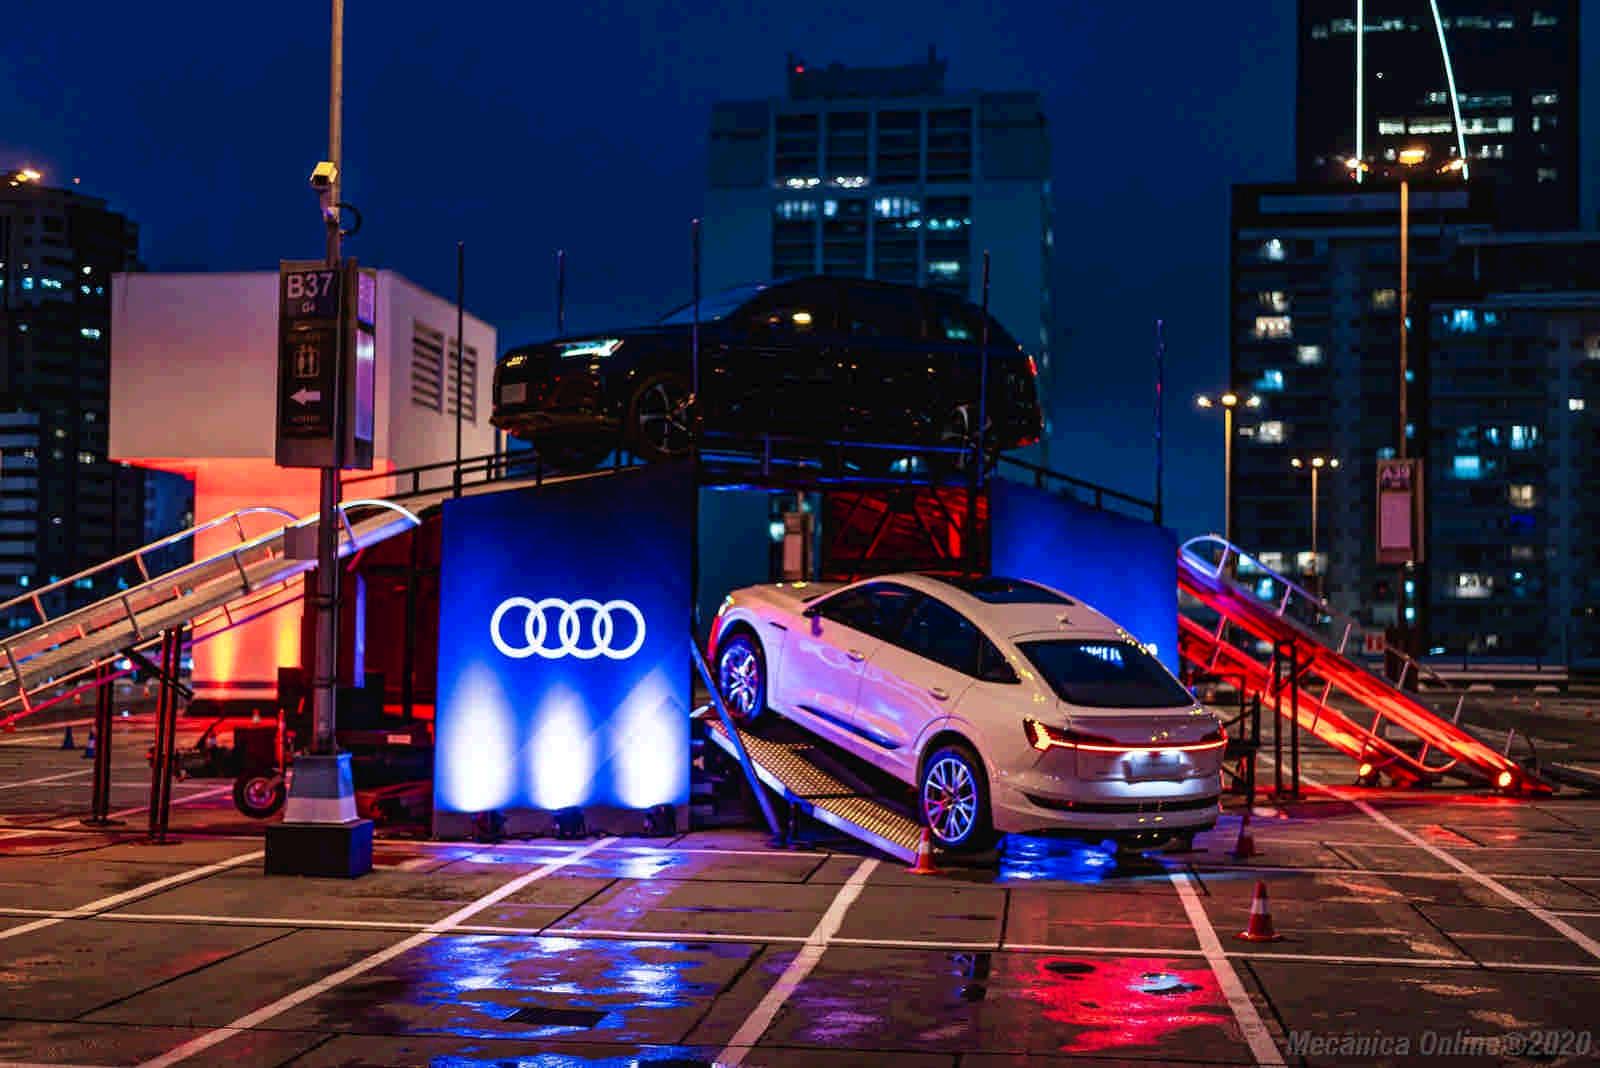 Audi Do Brasil Promove Experiencia De Marca E Direcao Em Um Dos Maiores Rooftops Do Pais Mecanica Online 20 Anos Mecanica Do Jeito Que Voce Entende